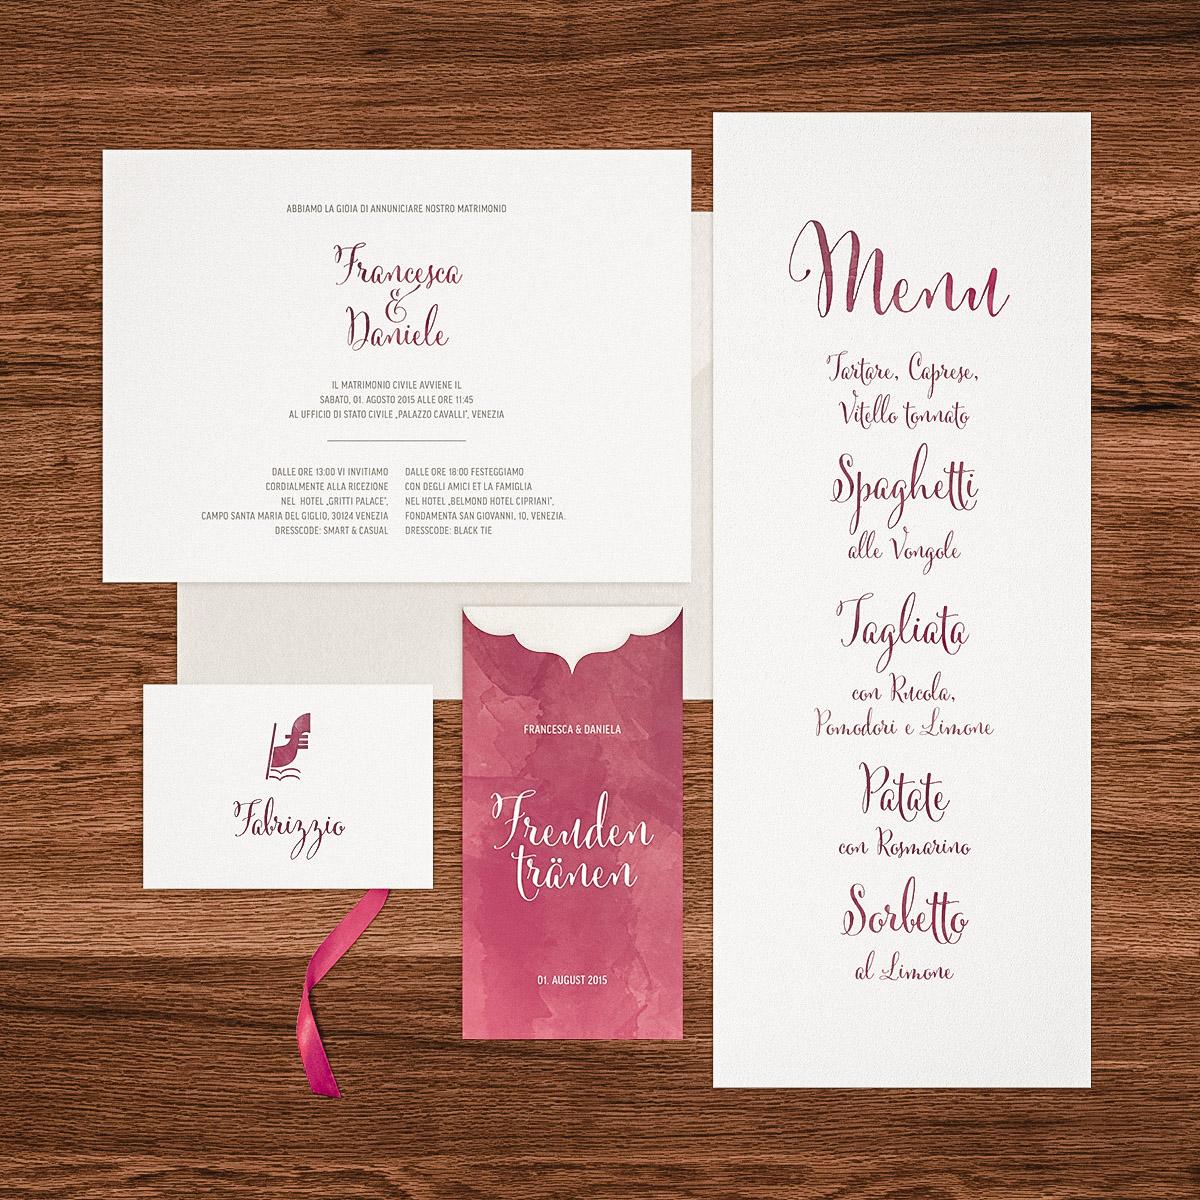 Die besten Texte für eure Hochzeitseinladung – Mustertext